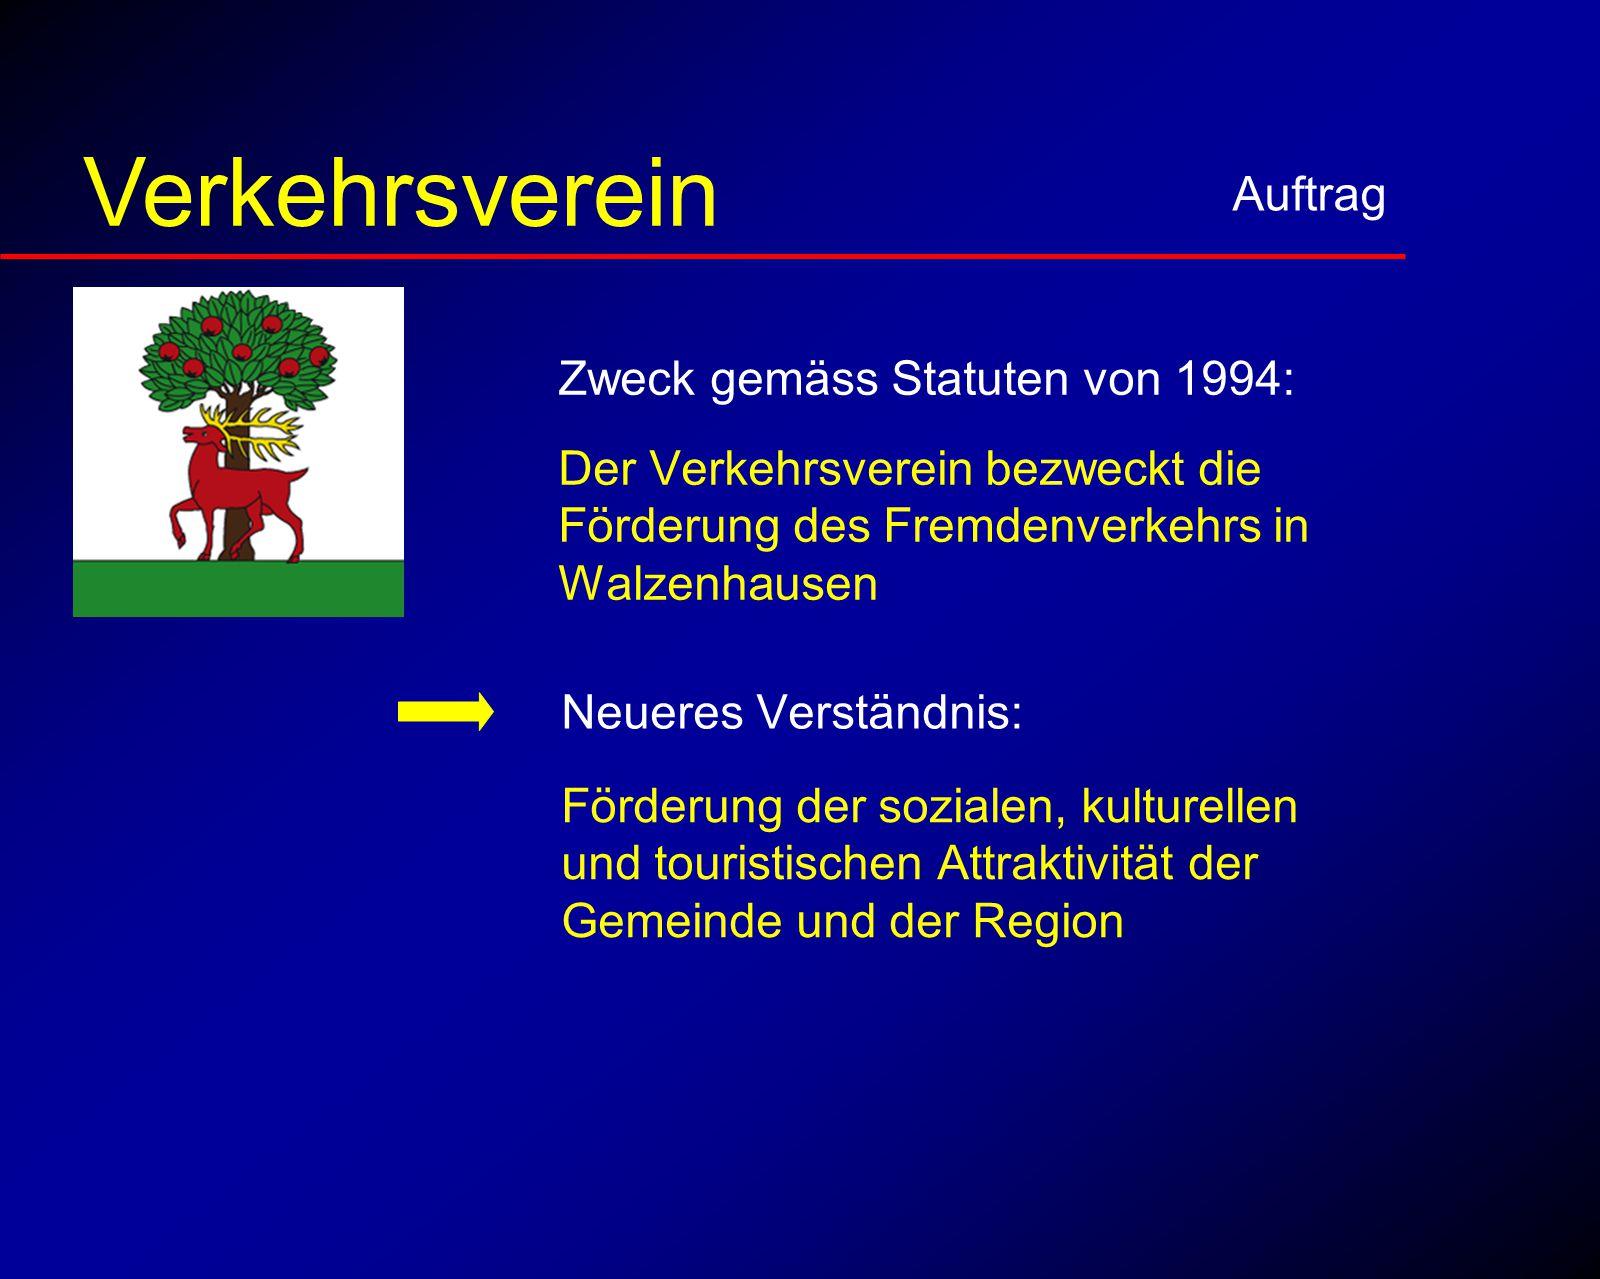 Zweck Auftrag Verkehrsverein Der Verkehrsverein bezweckt die Förderung des Fremdenverkehrs in Walzenhausen Zweck gemäss Statuten von 1994: Neueres Ver